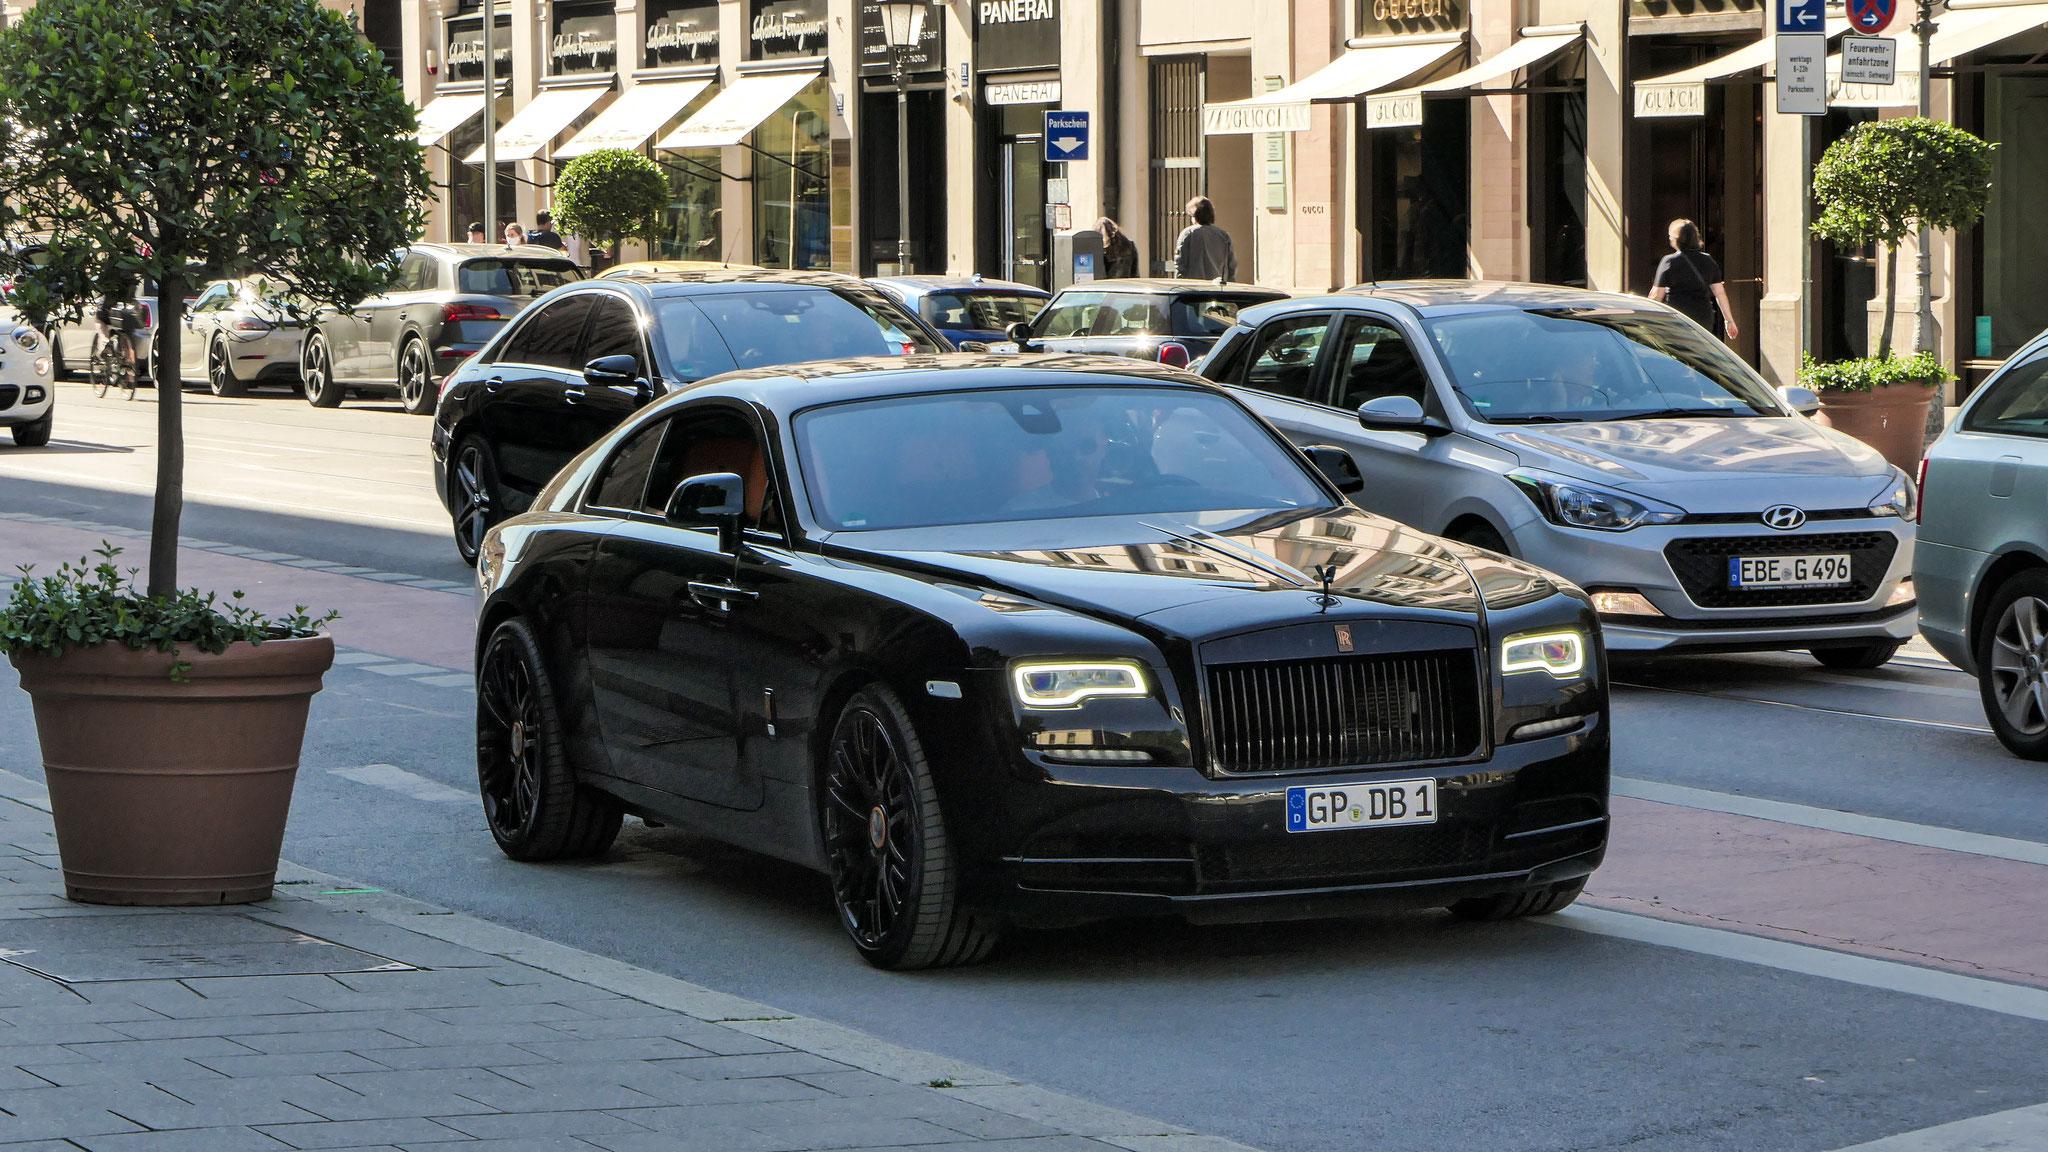 Rolls Royce Wraith - GP-DB-1